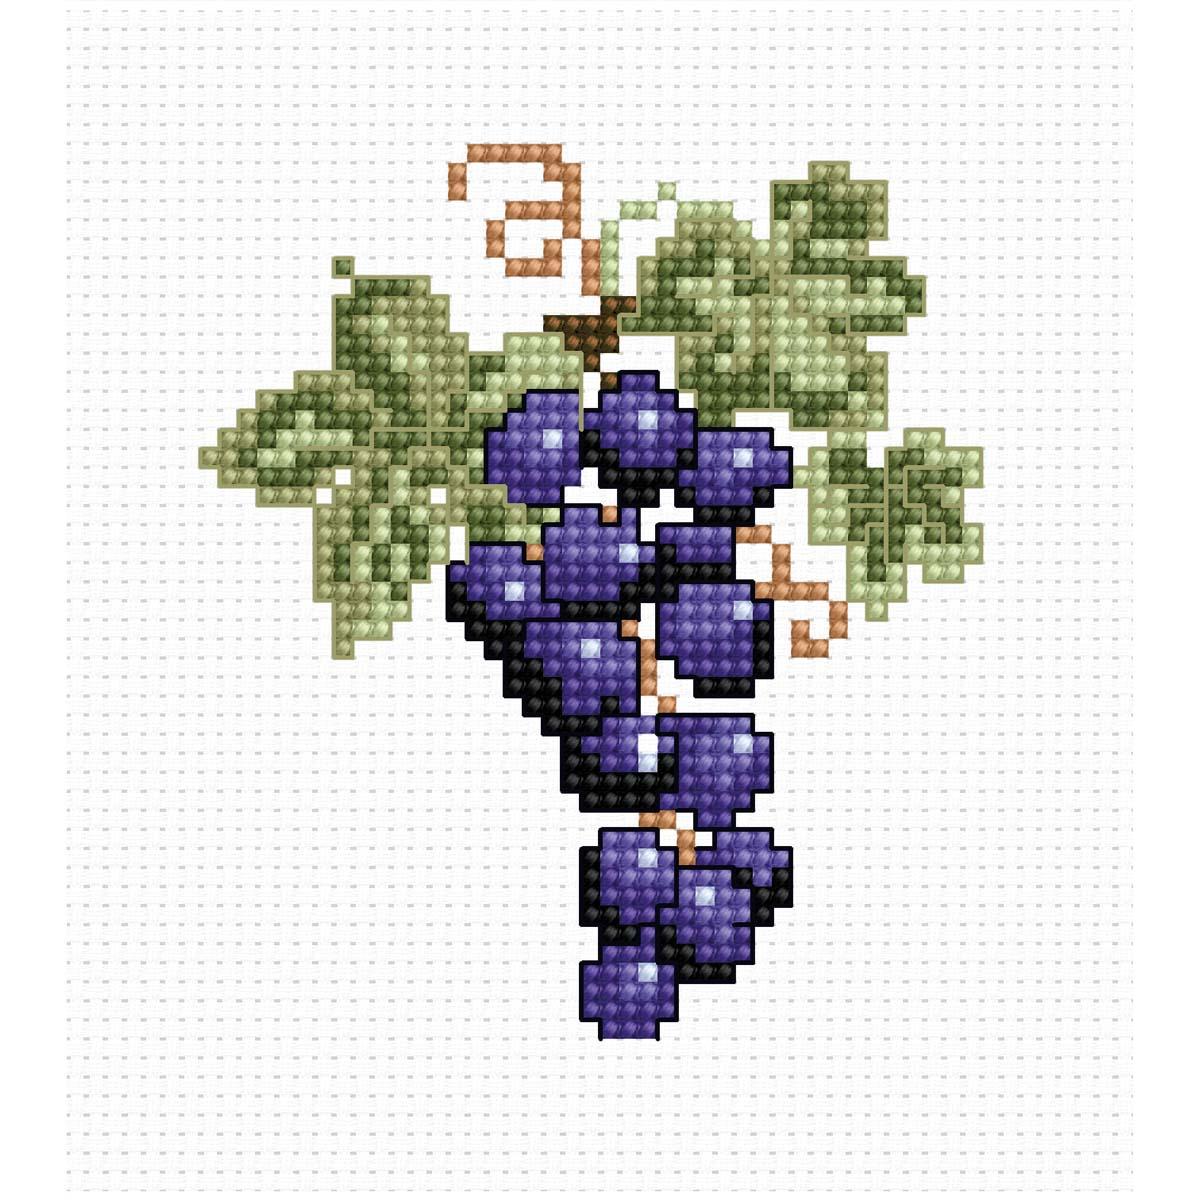 B029 Набор для вышивания 'Моя первая вышивка. Виноград' 7.5*8.5 см, Luca-S